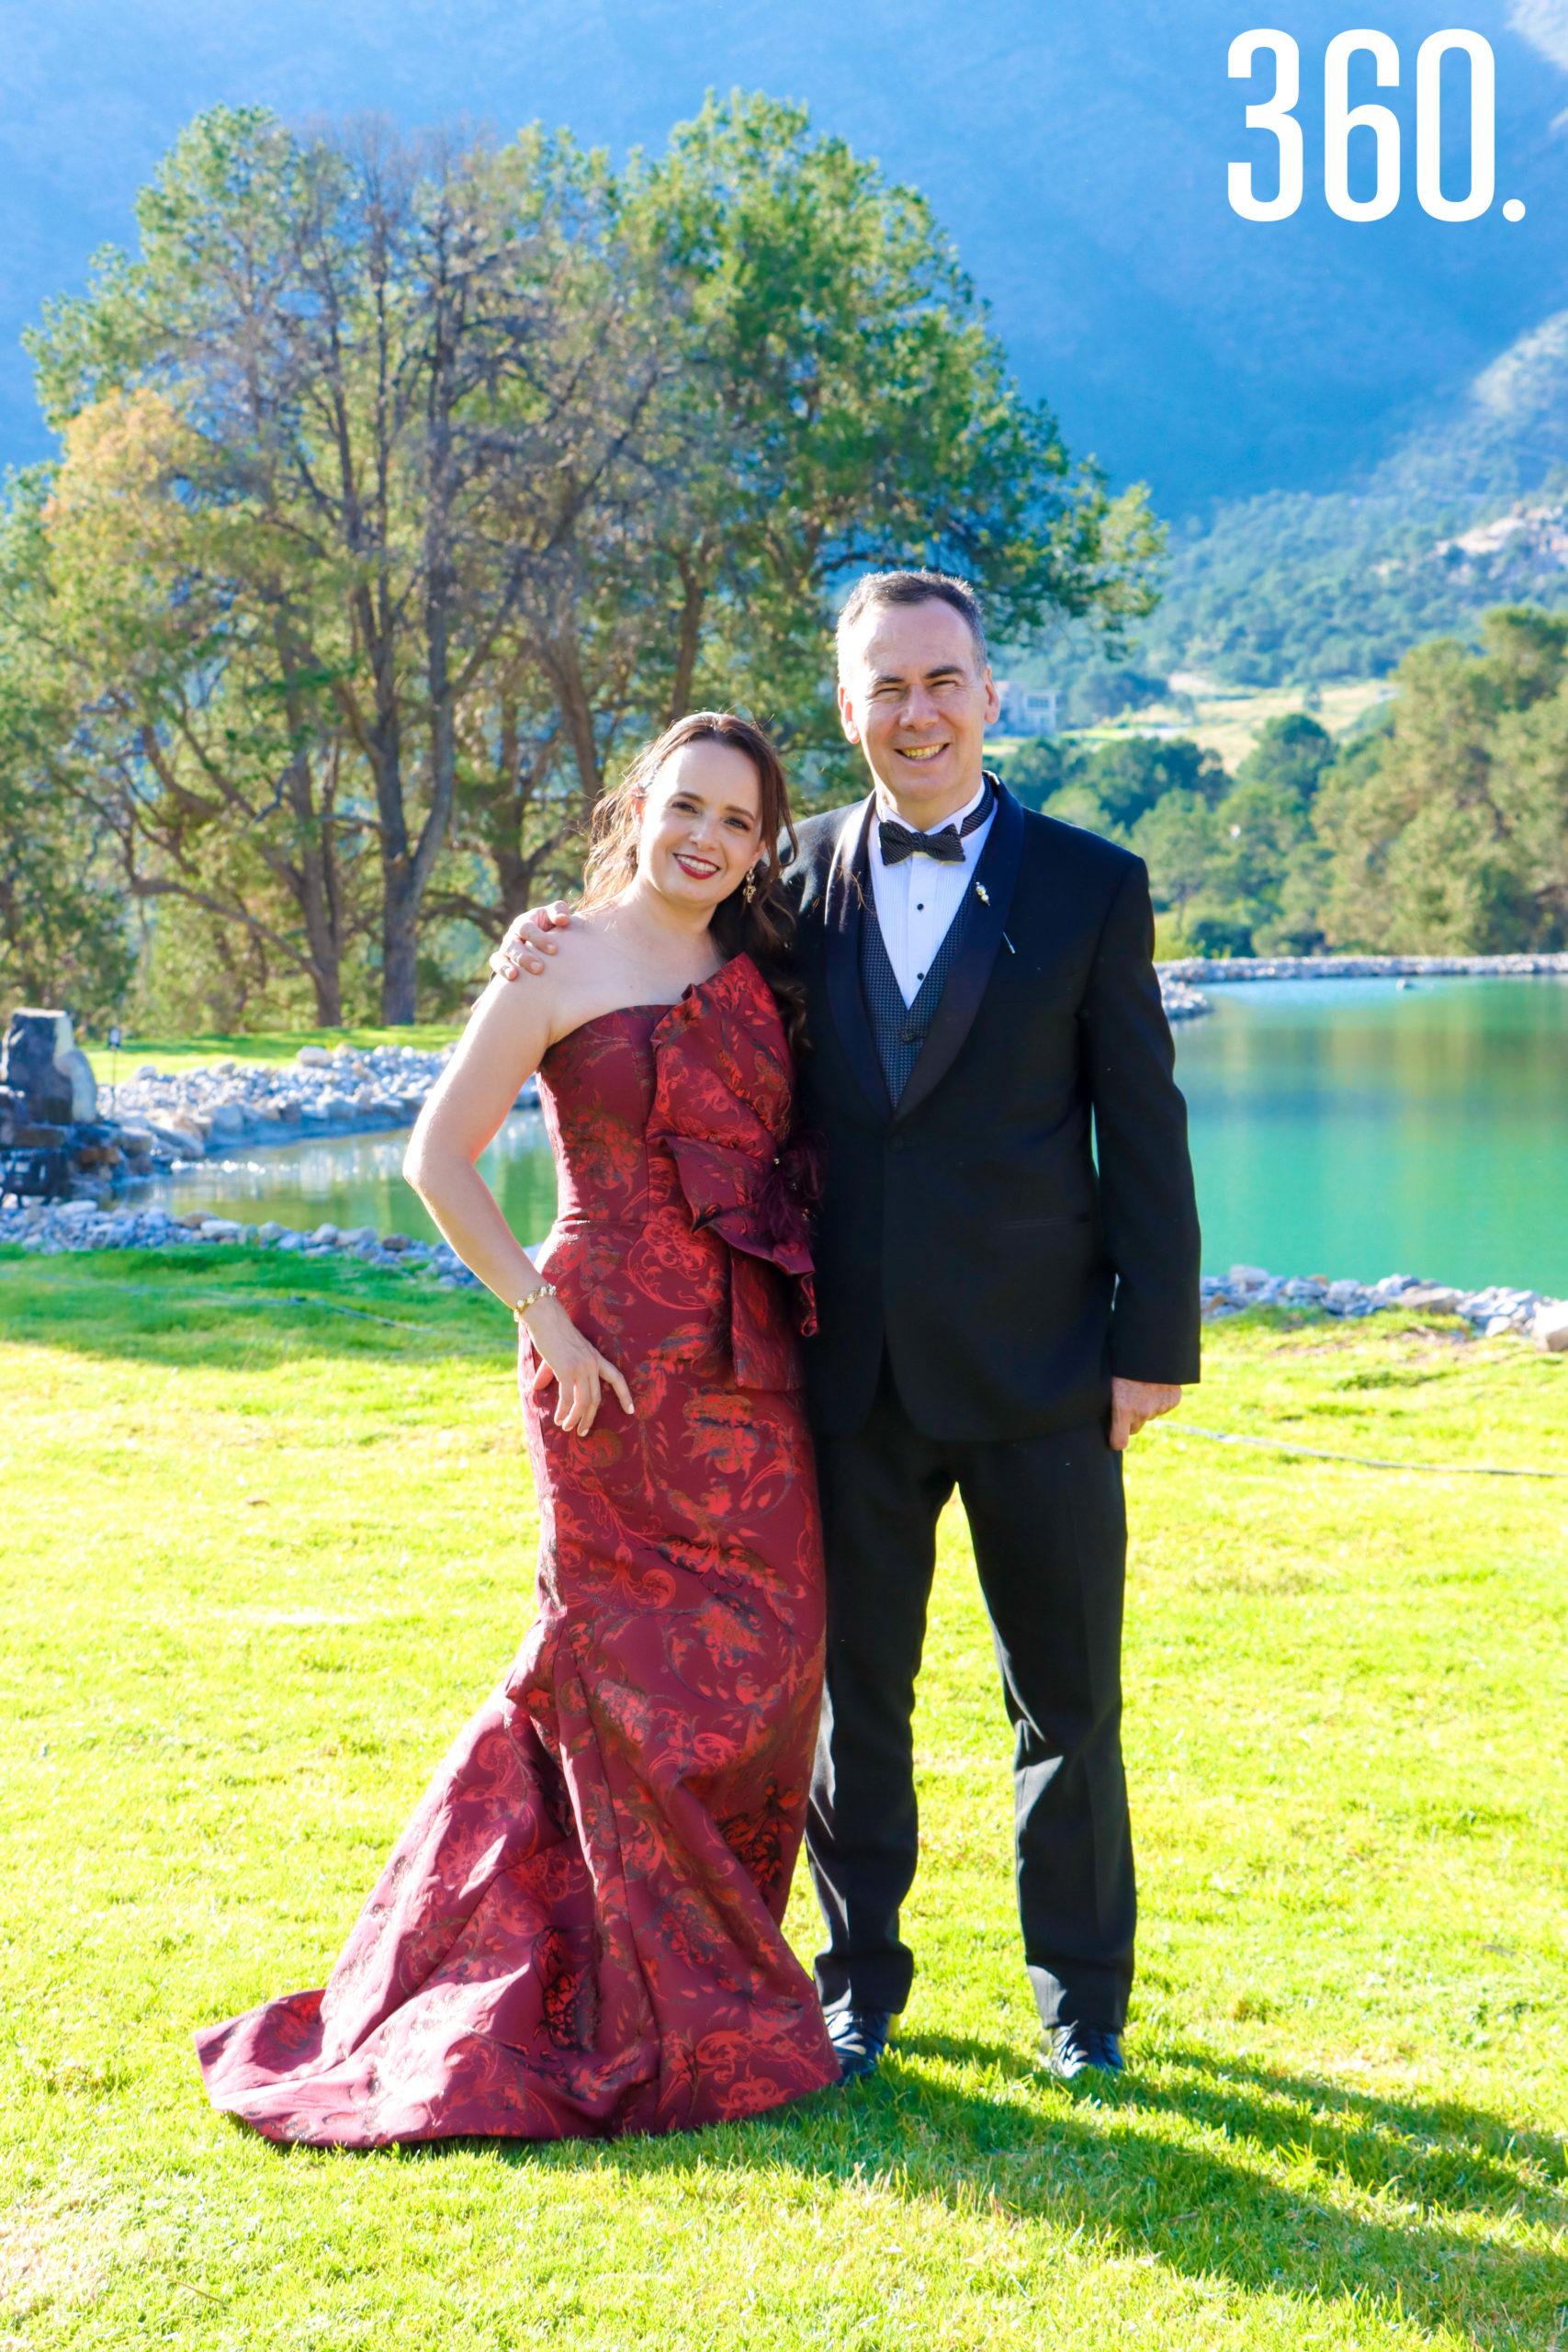 Nora Martínez y Manuel Vallarta, padres de la novia.